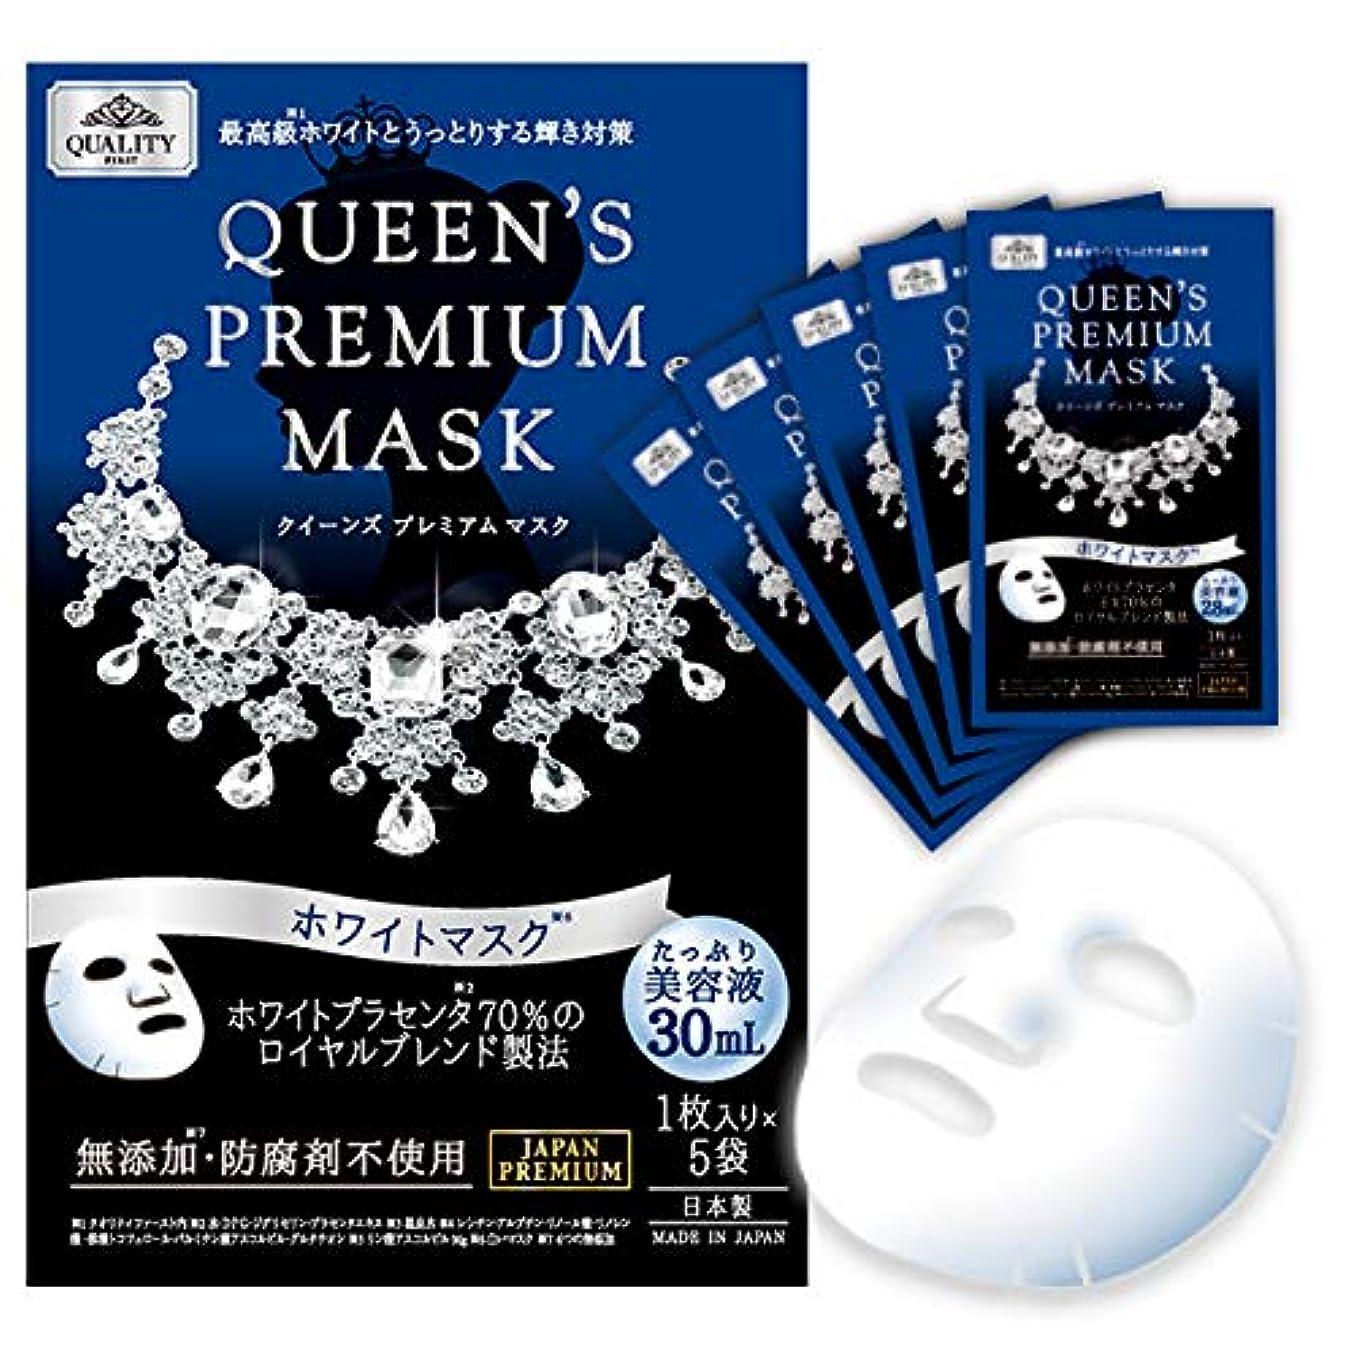 センサー注ぎますシェフクイーンズプレミアムマスク ホワイトマスク 5枚入 3箱セット